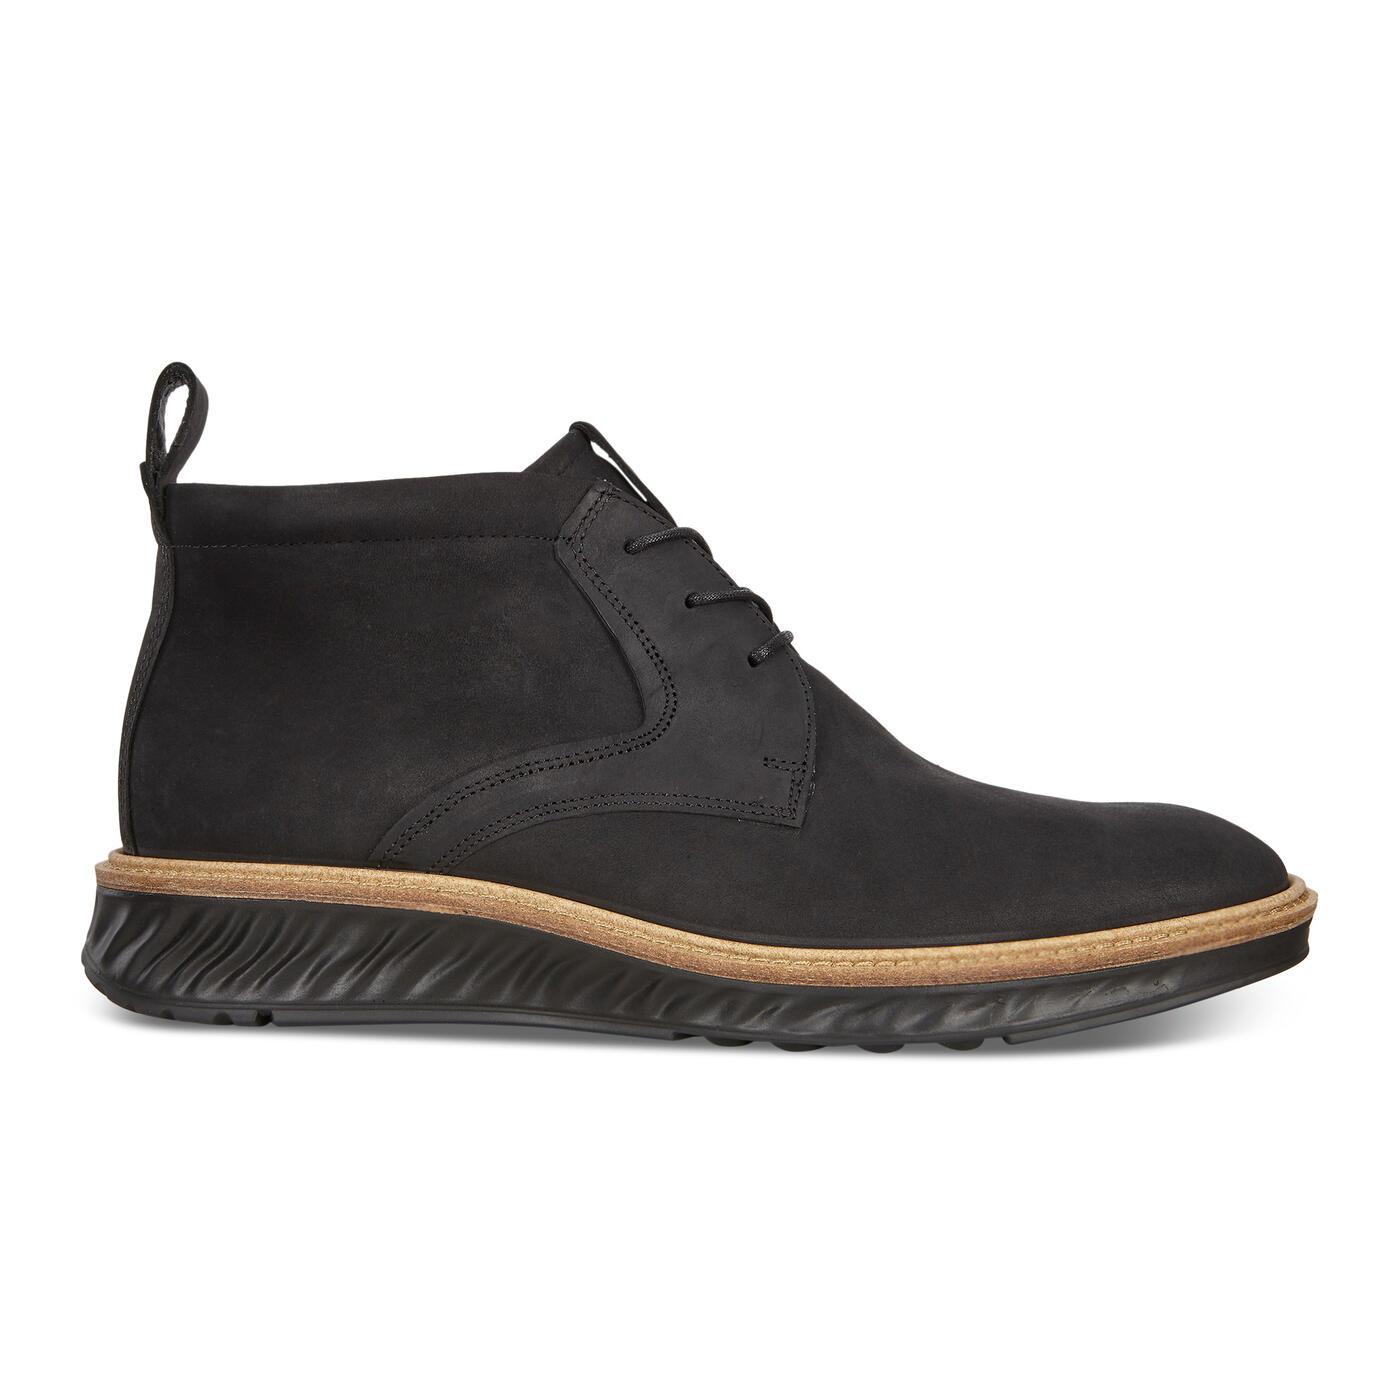 ECCO ST.1 HYBRID Men's Boot